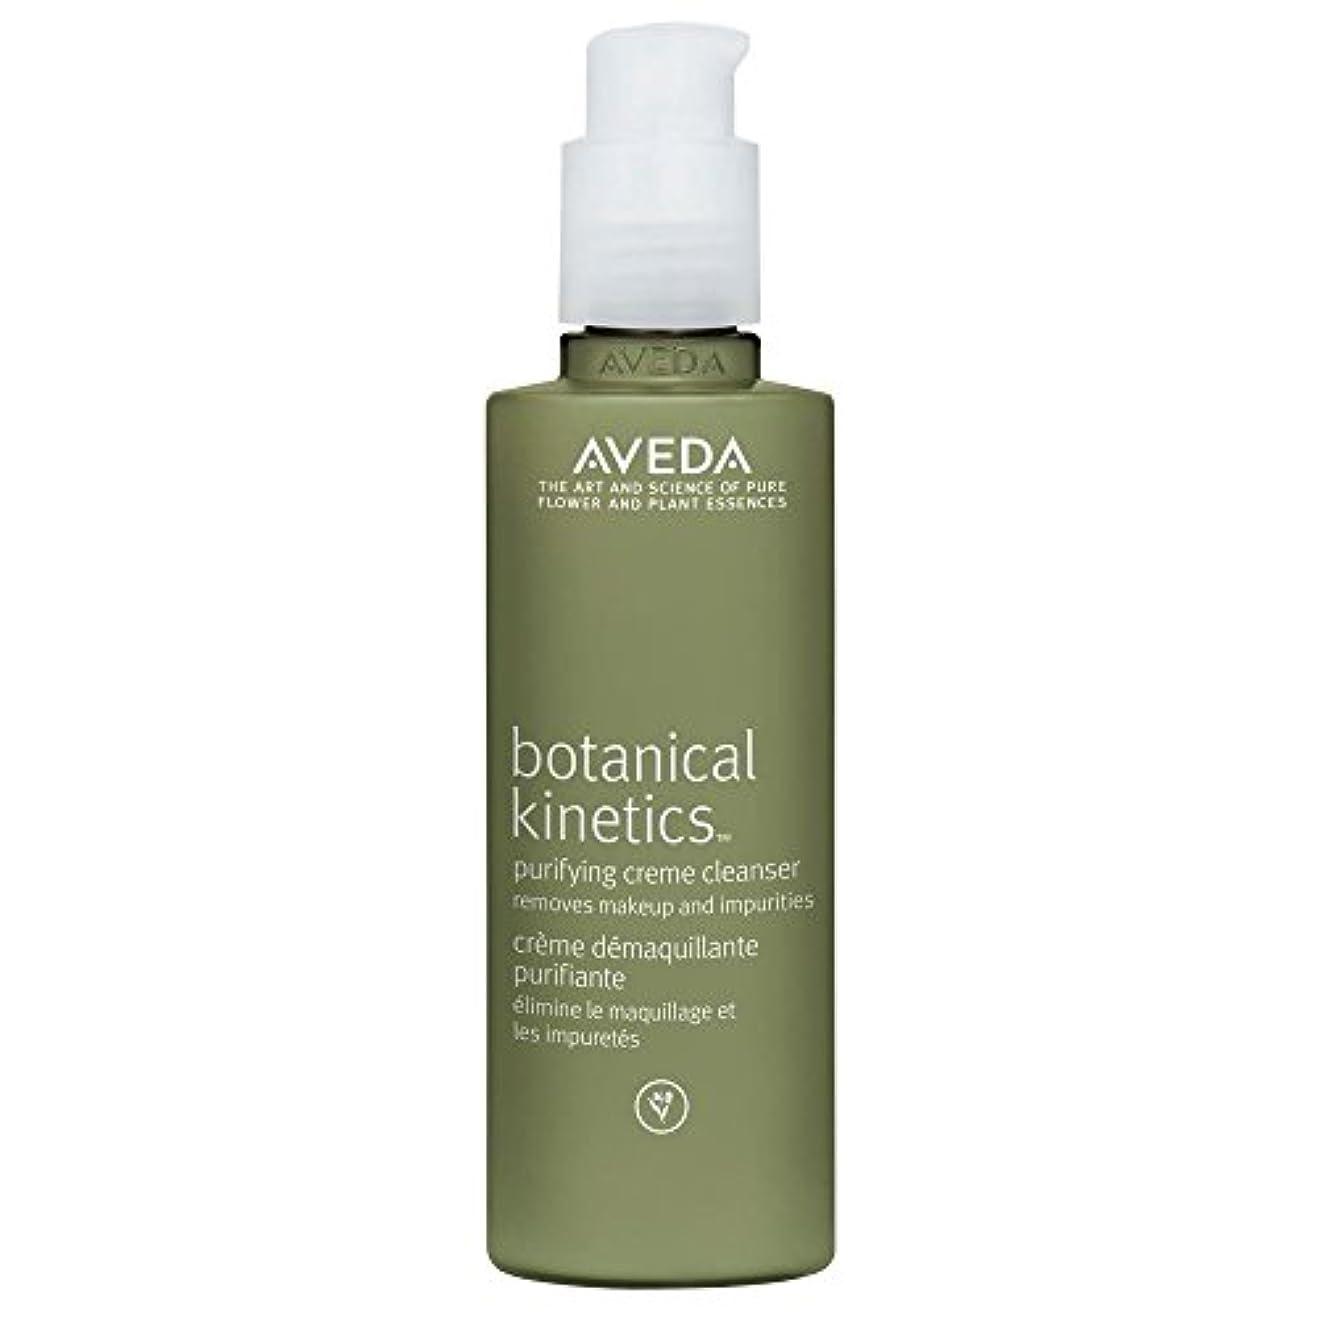 予想する注釈月曜[AVEDA] アヴェダボタニカルキネティクス浄化クリームクレンザー、500ミリリットル - Aveda Botanical Kinetics Purifying Creme Cleanser, 500ml [並行輸入品]